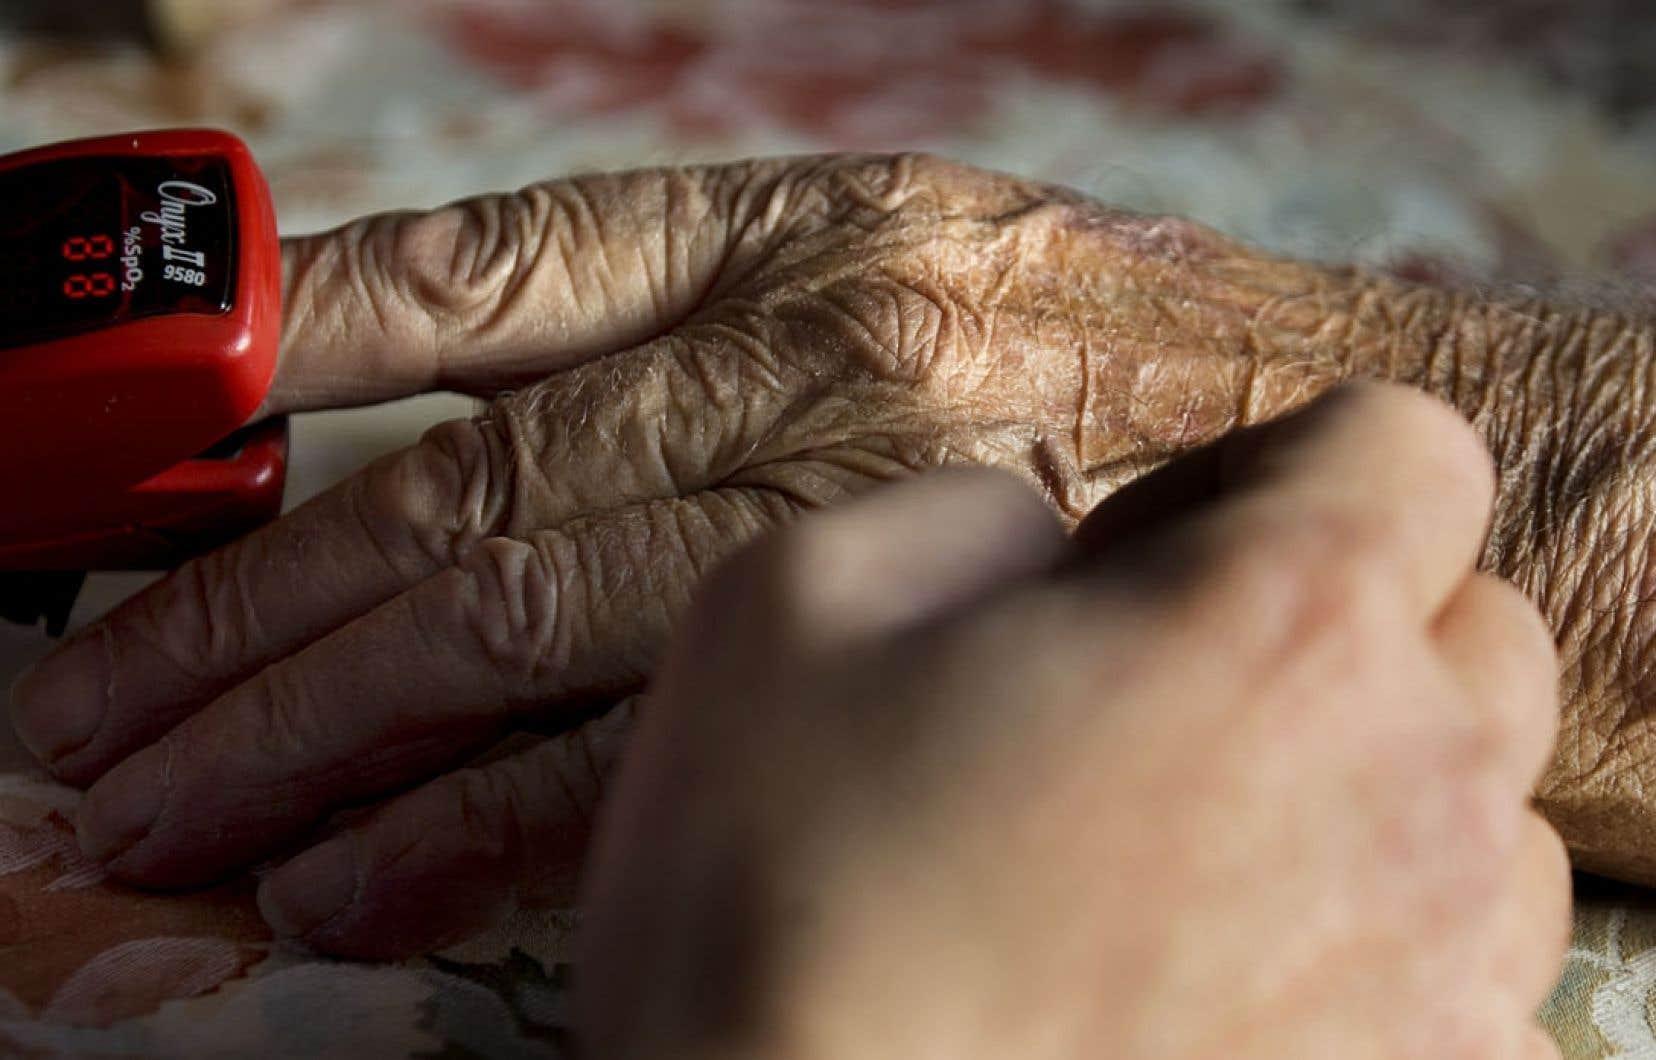 Le projet de loi 52 du gouvernement du Québec encadre entre autres l'aide médicale à mourir.